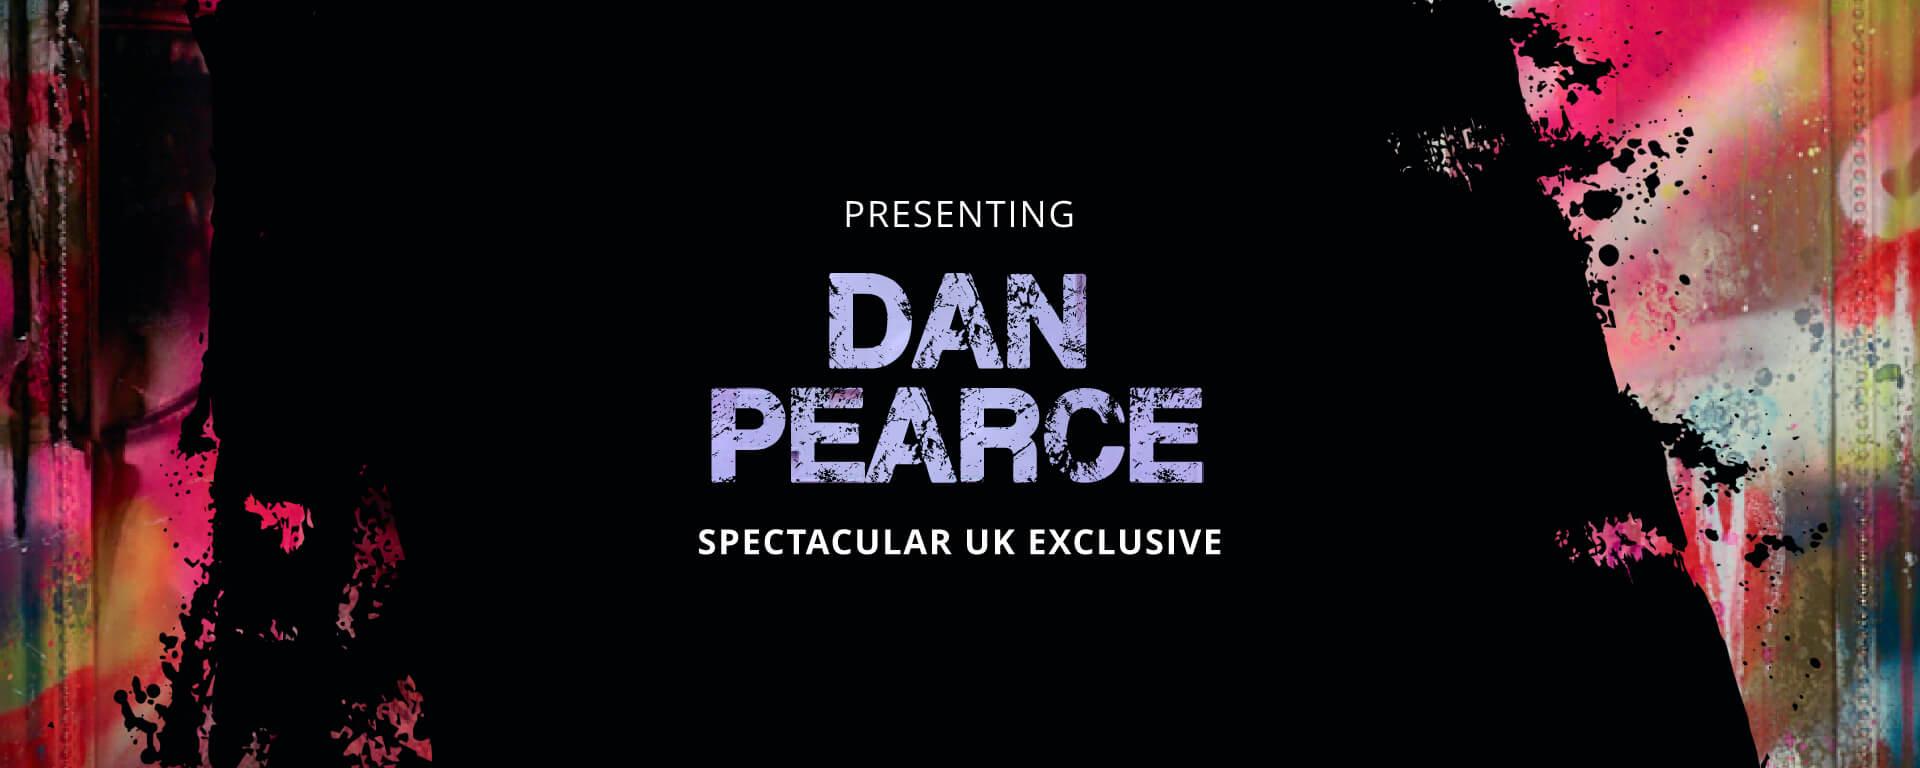 Introducing Dan Pearce!